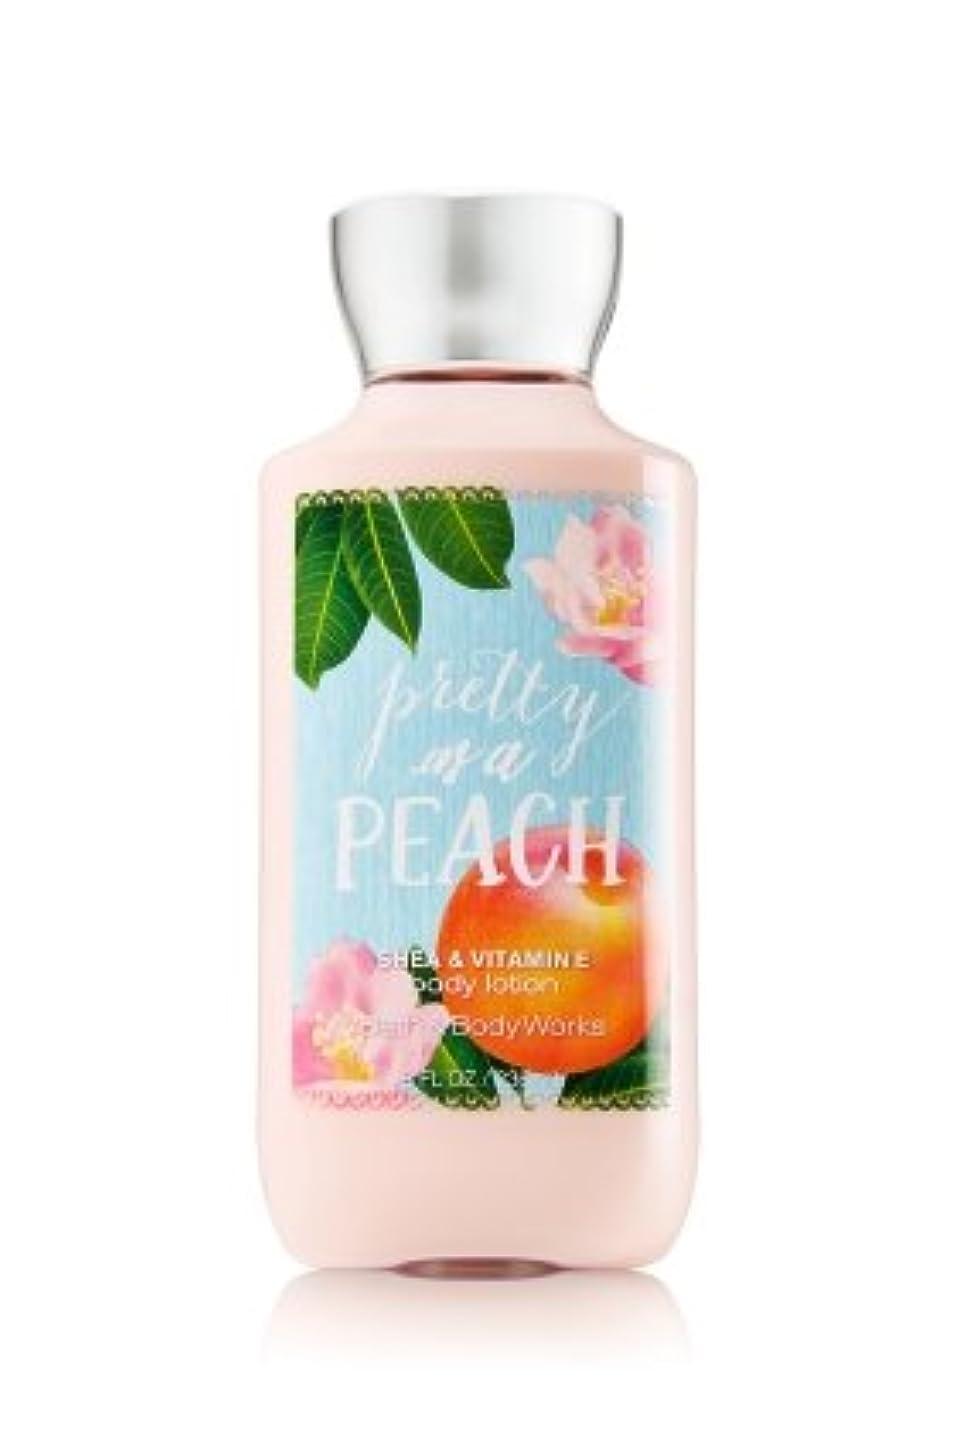 同じアスレチックパイロット【Bath&Body Works/バス&ボディワークス】 ボディローション プリティーアズアピーチ Body Lotion Pretty As A Peach 8 fl oz / 236 mL [並行輸入品]